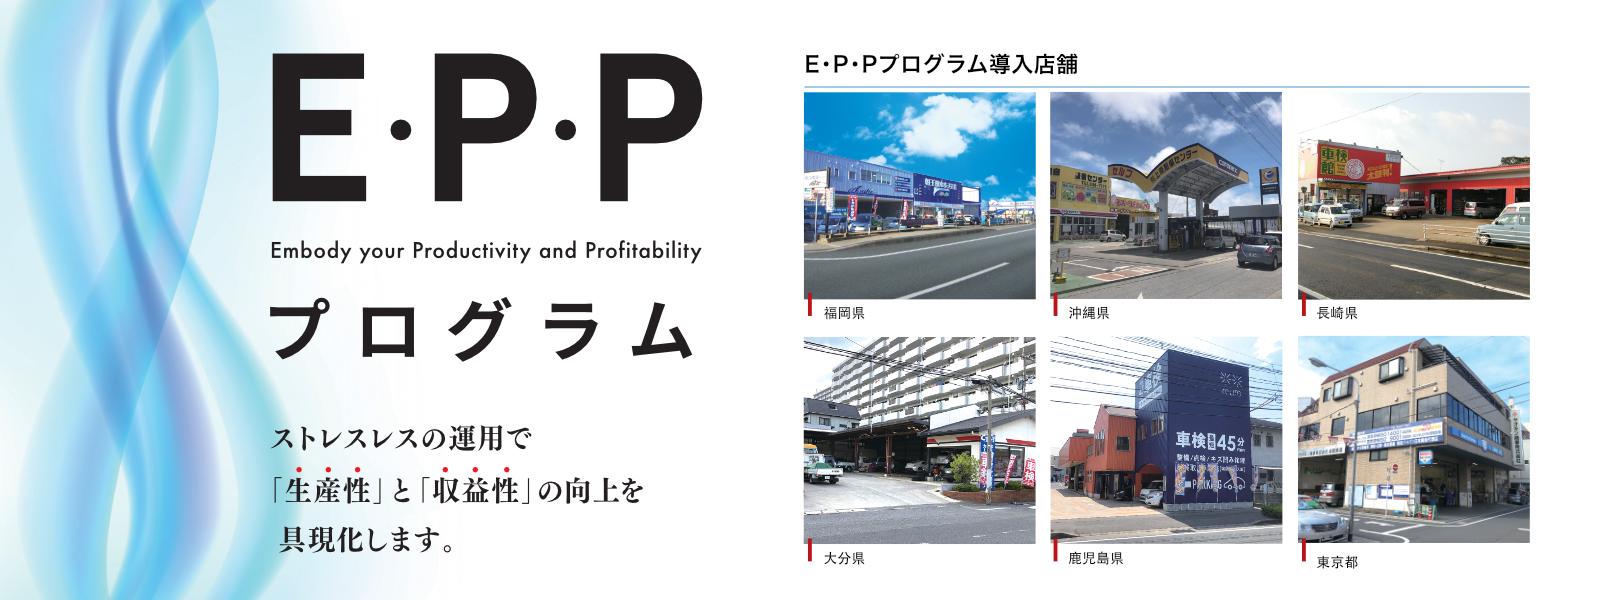 EPPプログラム